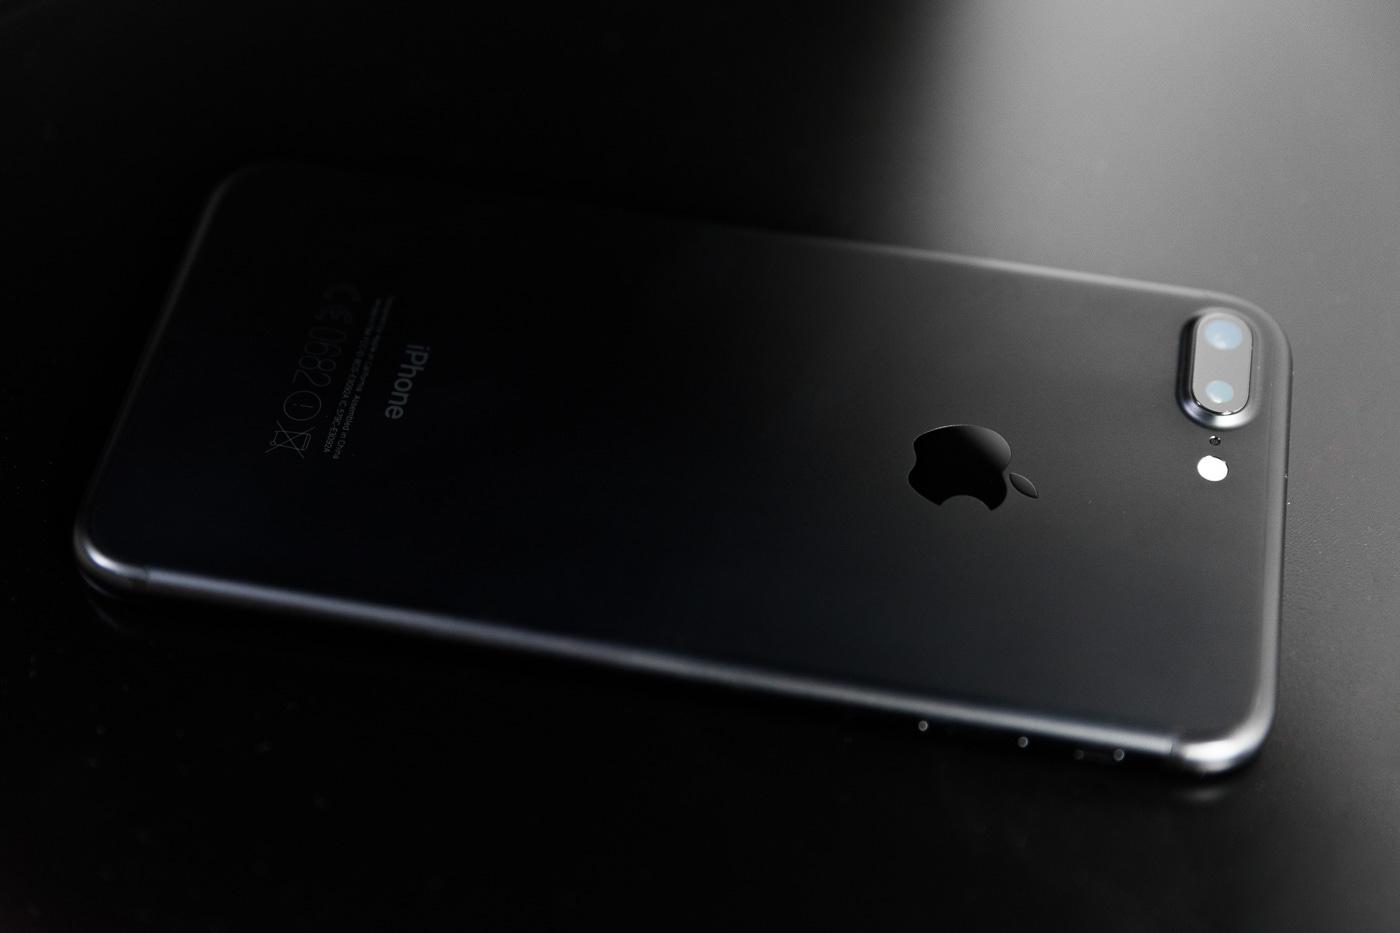 iPhone 7 Plus - jeden z telefonów, który może dotknąć iCloud hack